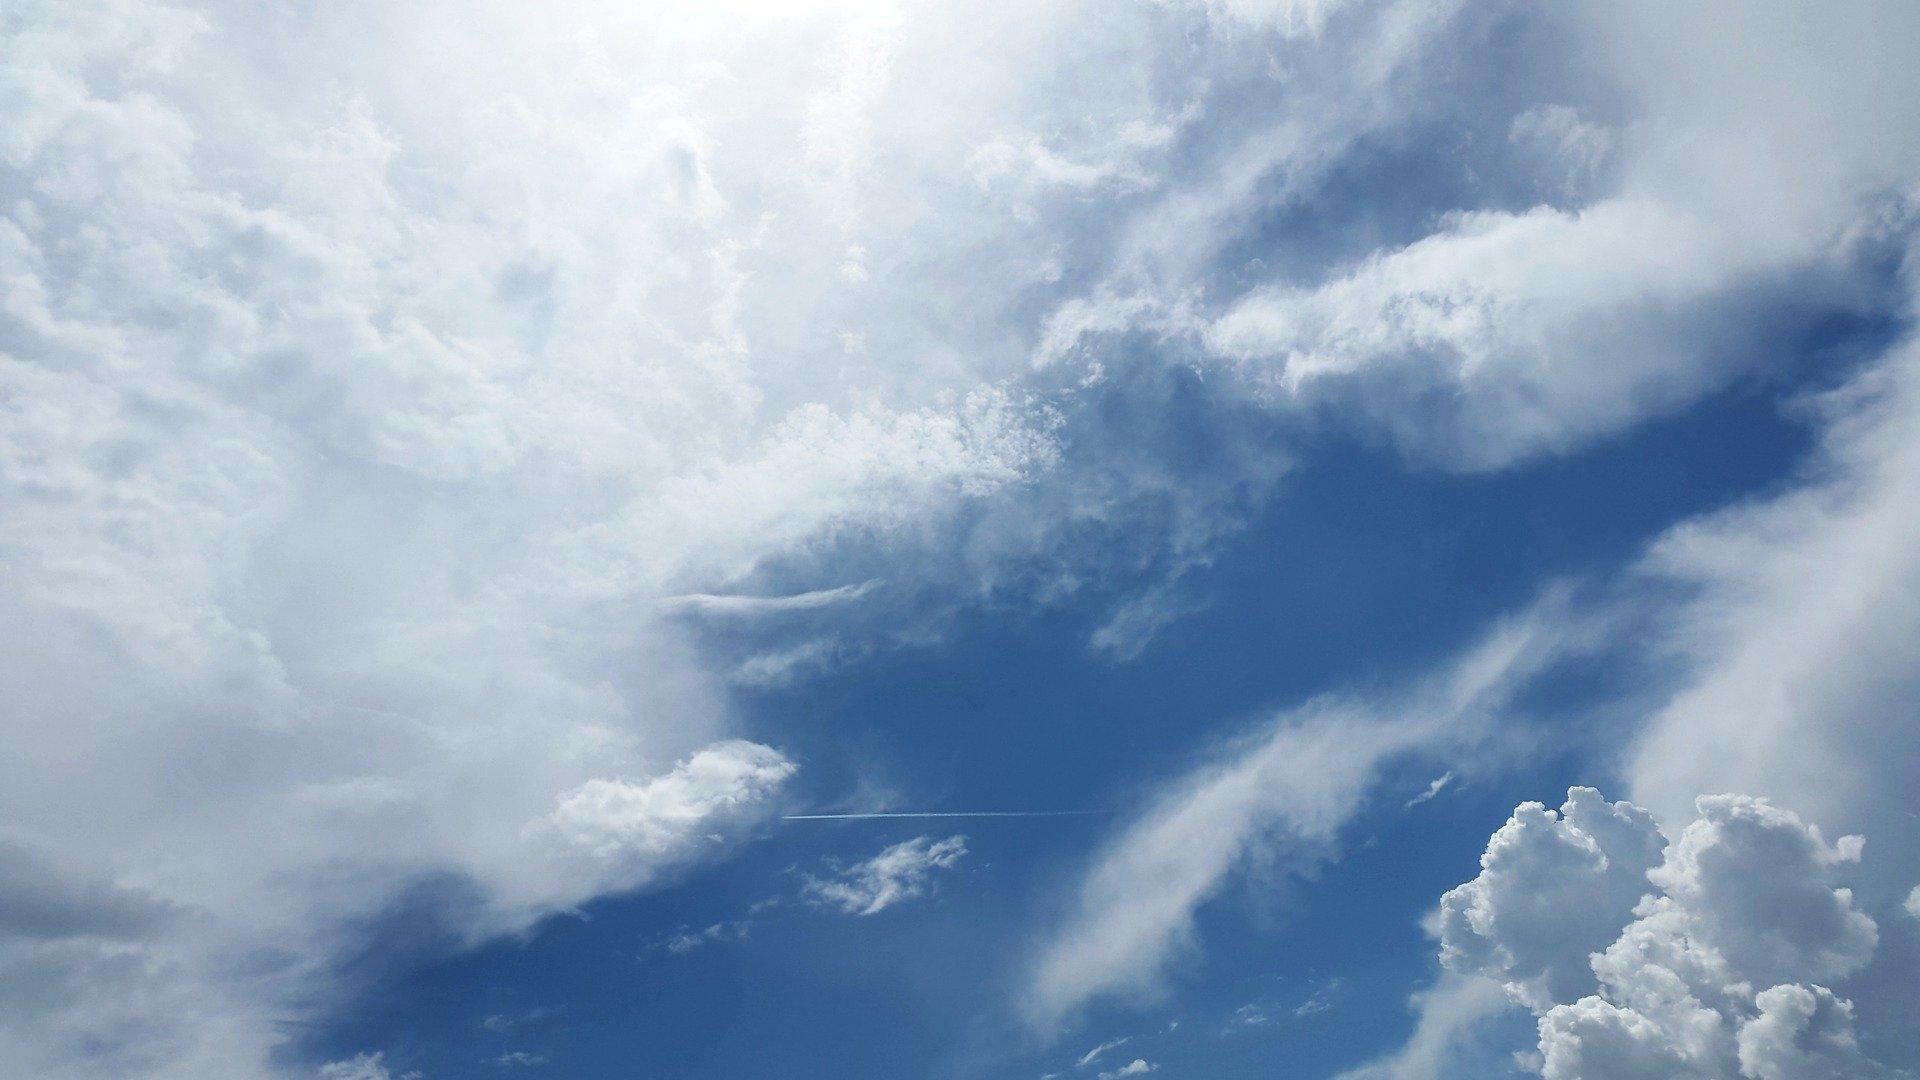 नैनीताल तीन तो मुक्तेश्वर का पारा 1.7 डिग्री पहुंचा, पहाड़ों में पाला तो मैदान में कोहरा से हो सकती है परेशानी